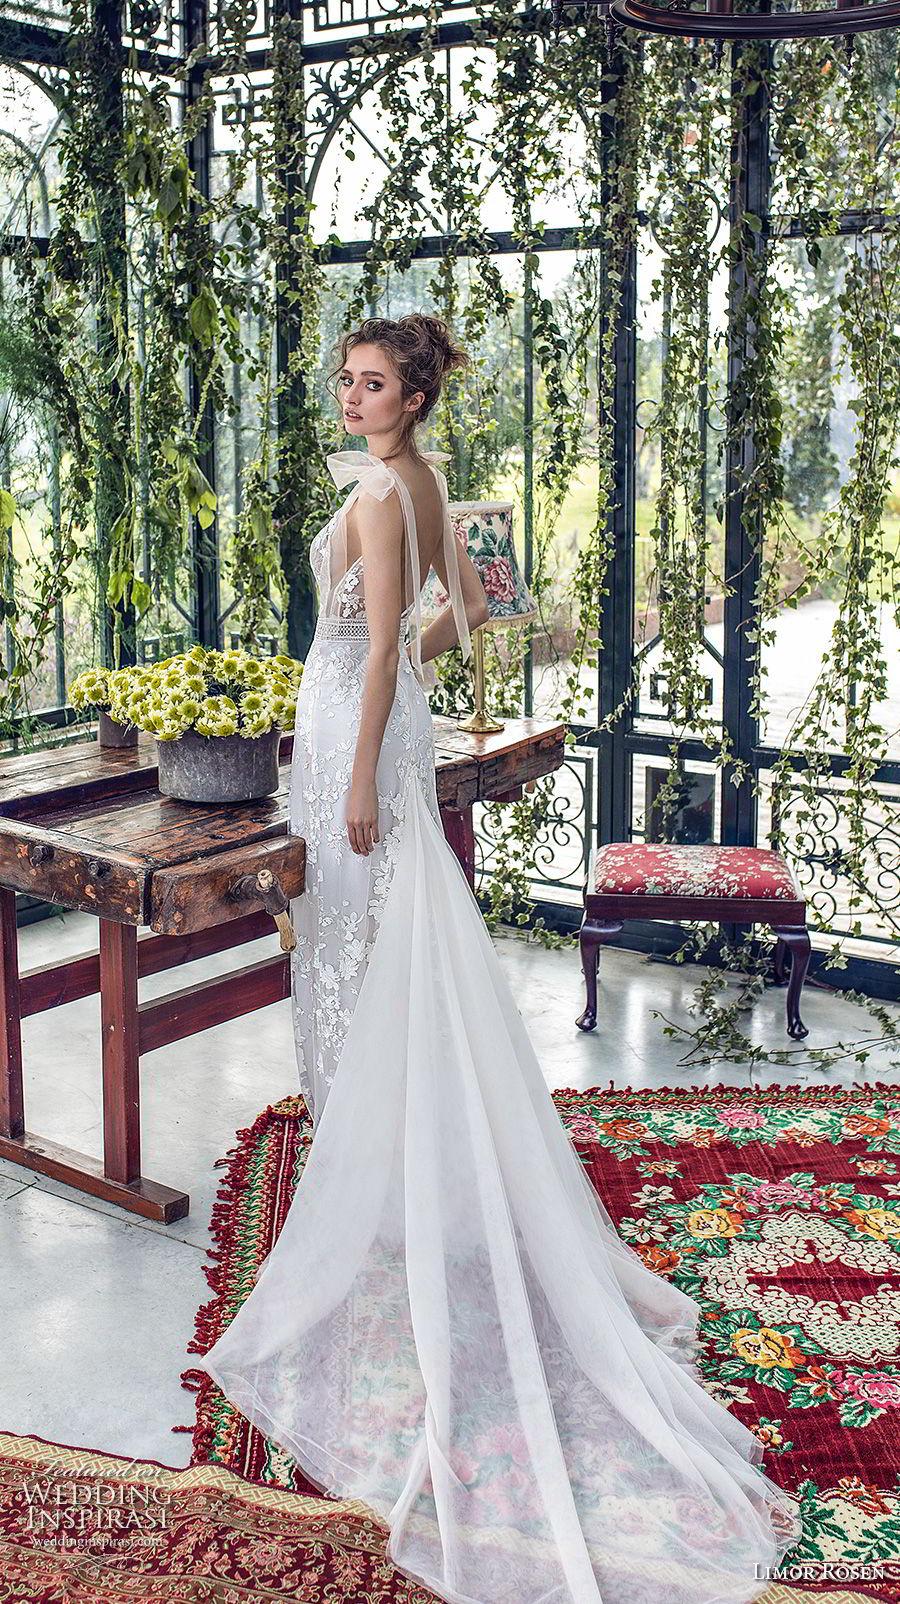 limor rosen 2019 xo bridal sleeveless deep v neck full embellishment romantic fit and flare wedding dress open back chapel train (9) bv